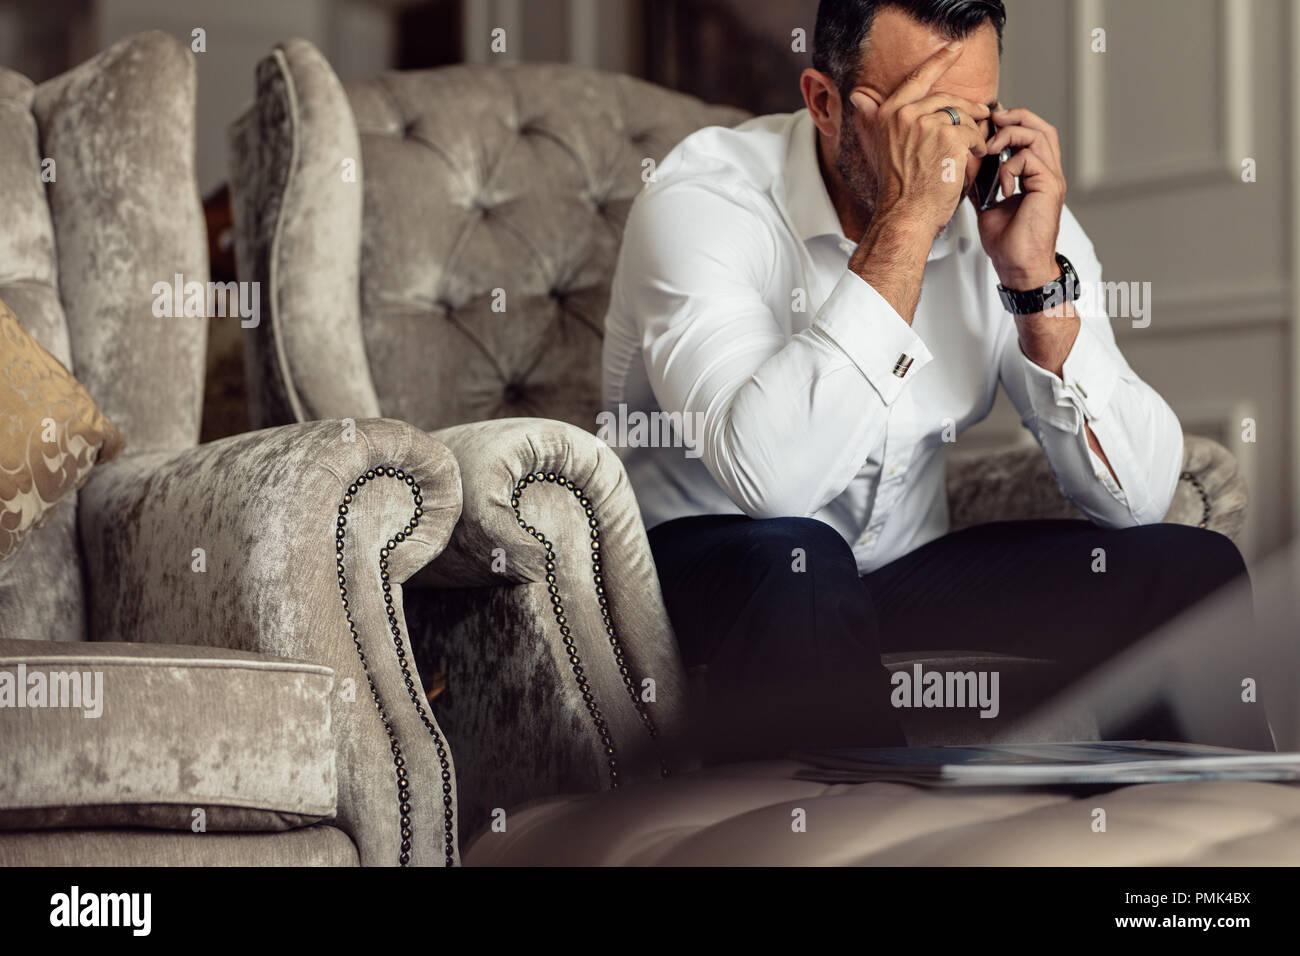 Portrait of a souligné mature businessman sitting in a hotel room et parlant au téléphone. Businessman sitting on couch with hand on head on cell p Banque D'Images